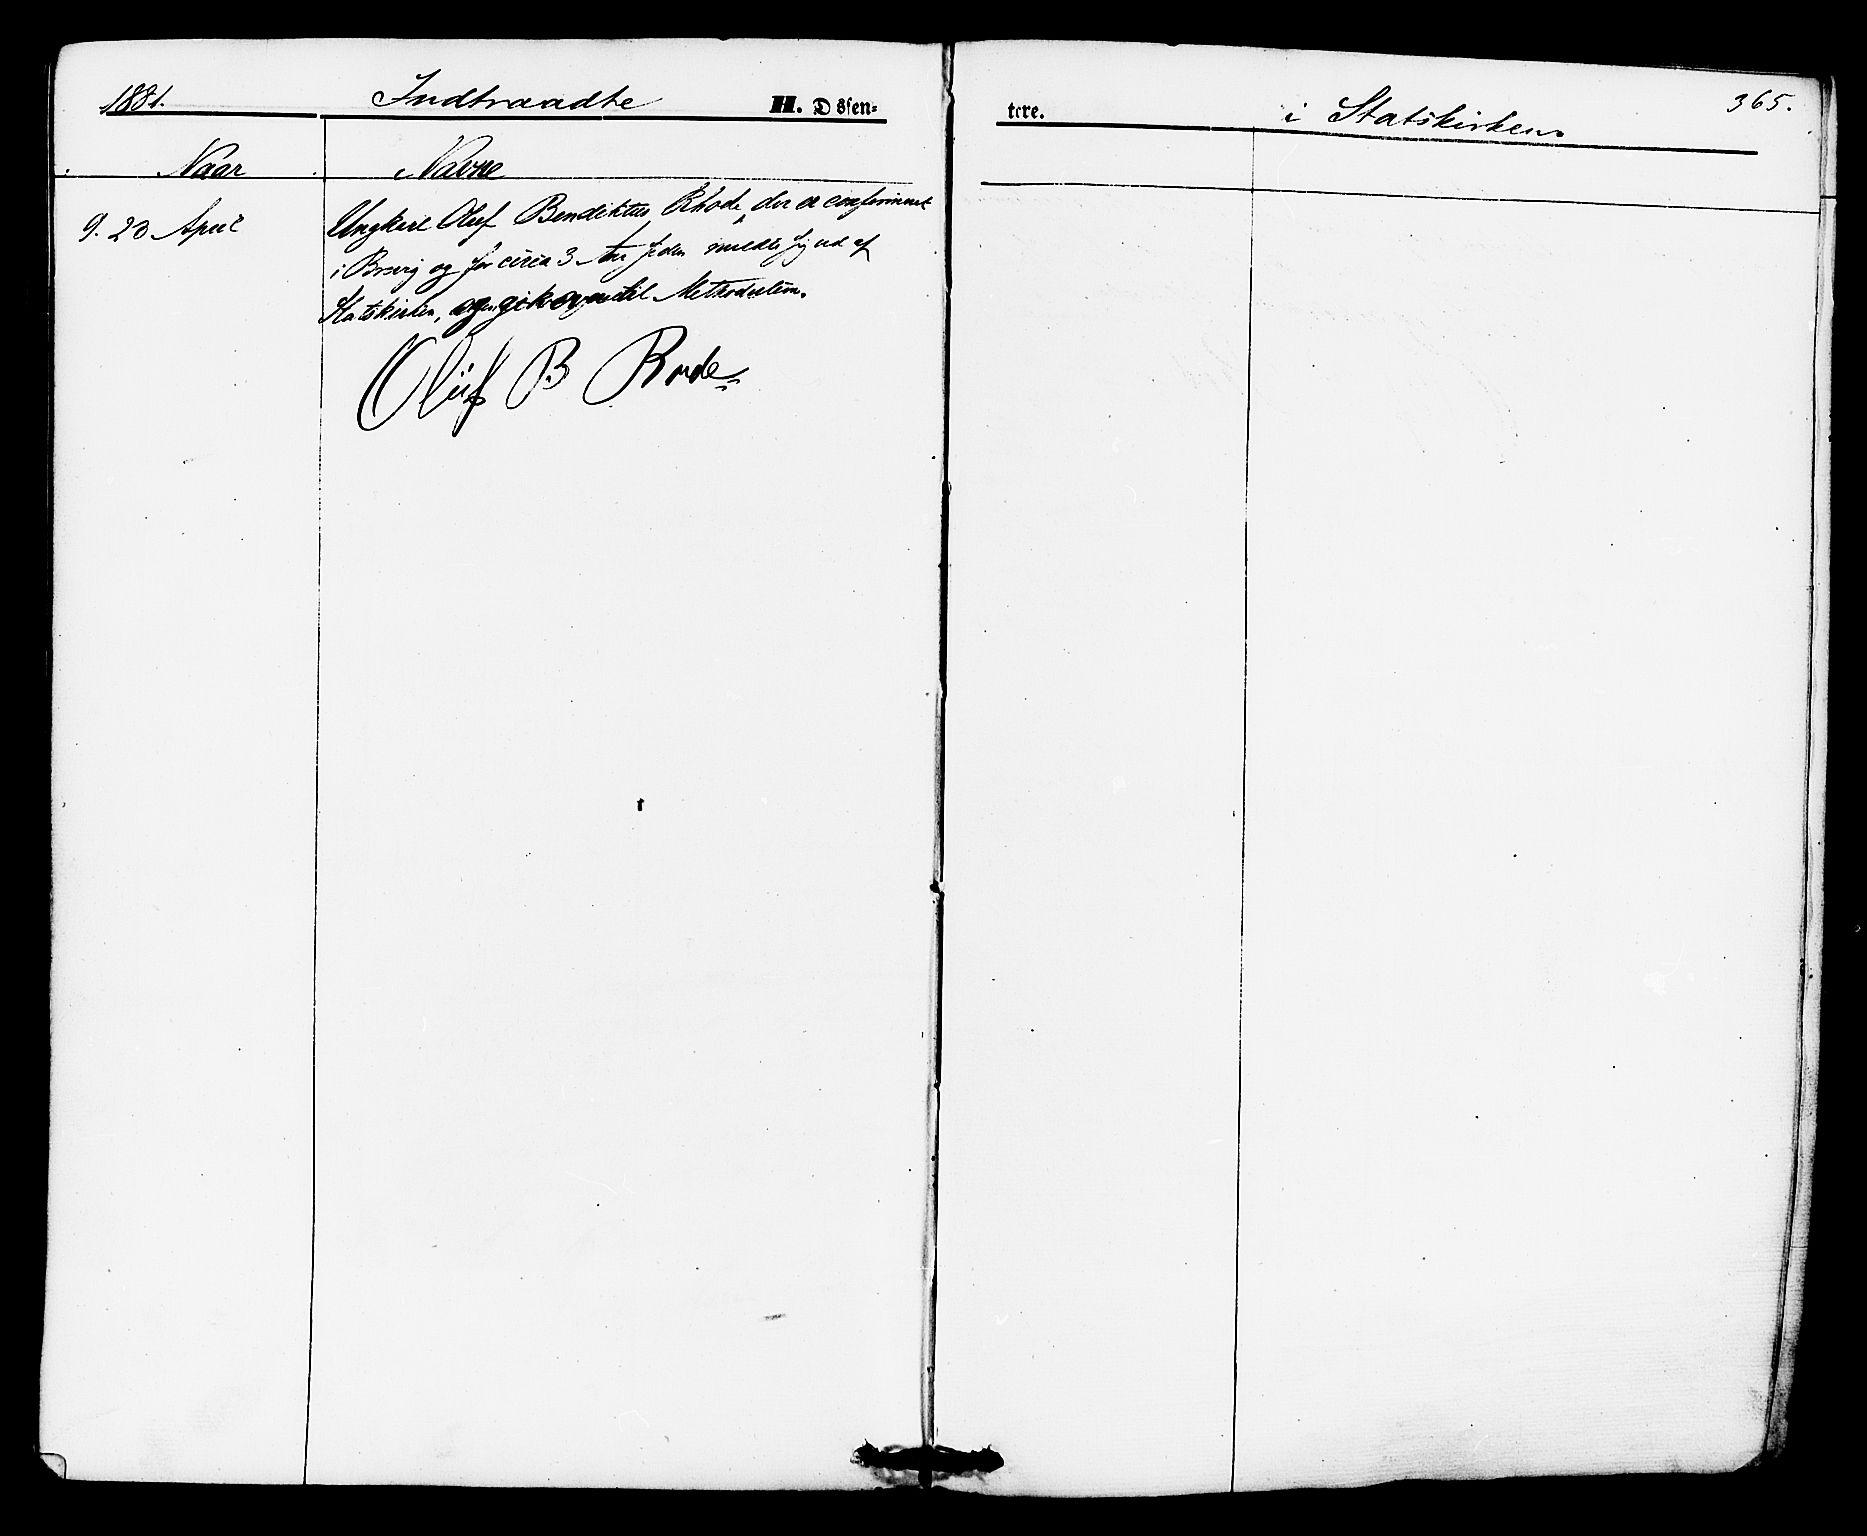 SAKO, Brevik kirkebøker, F/Fa/L0006: Ministerialbok nr. 6, 1866-1881, s. 365